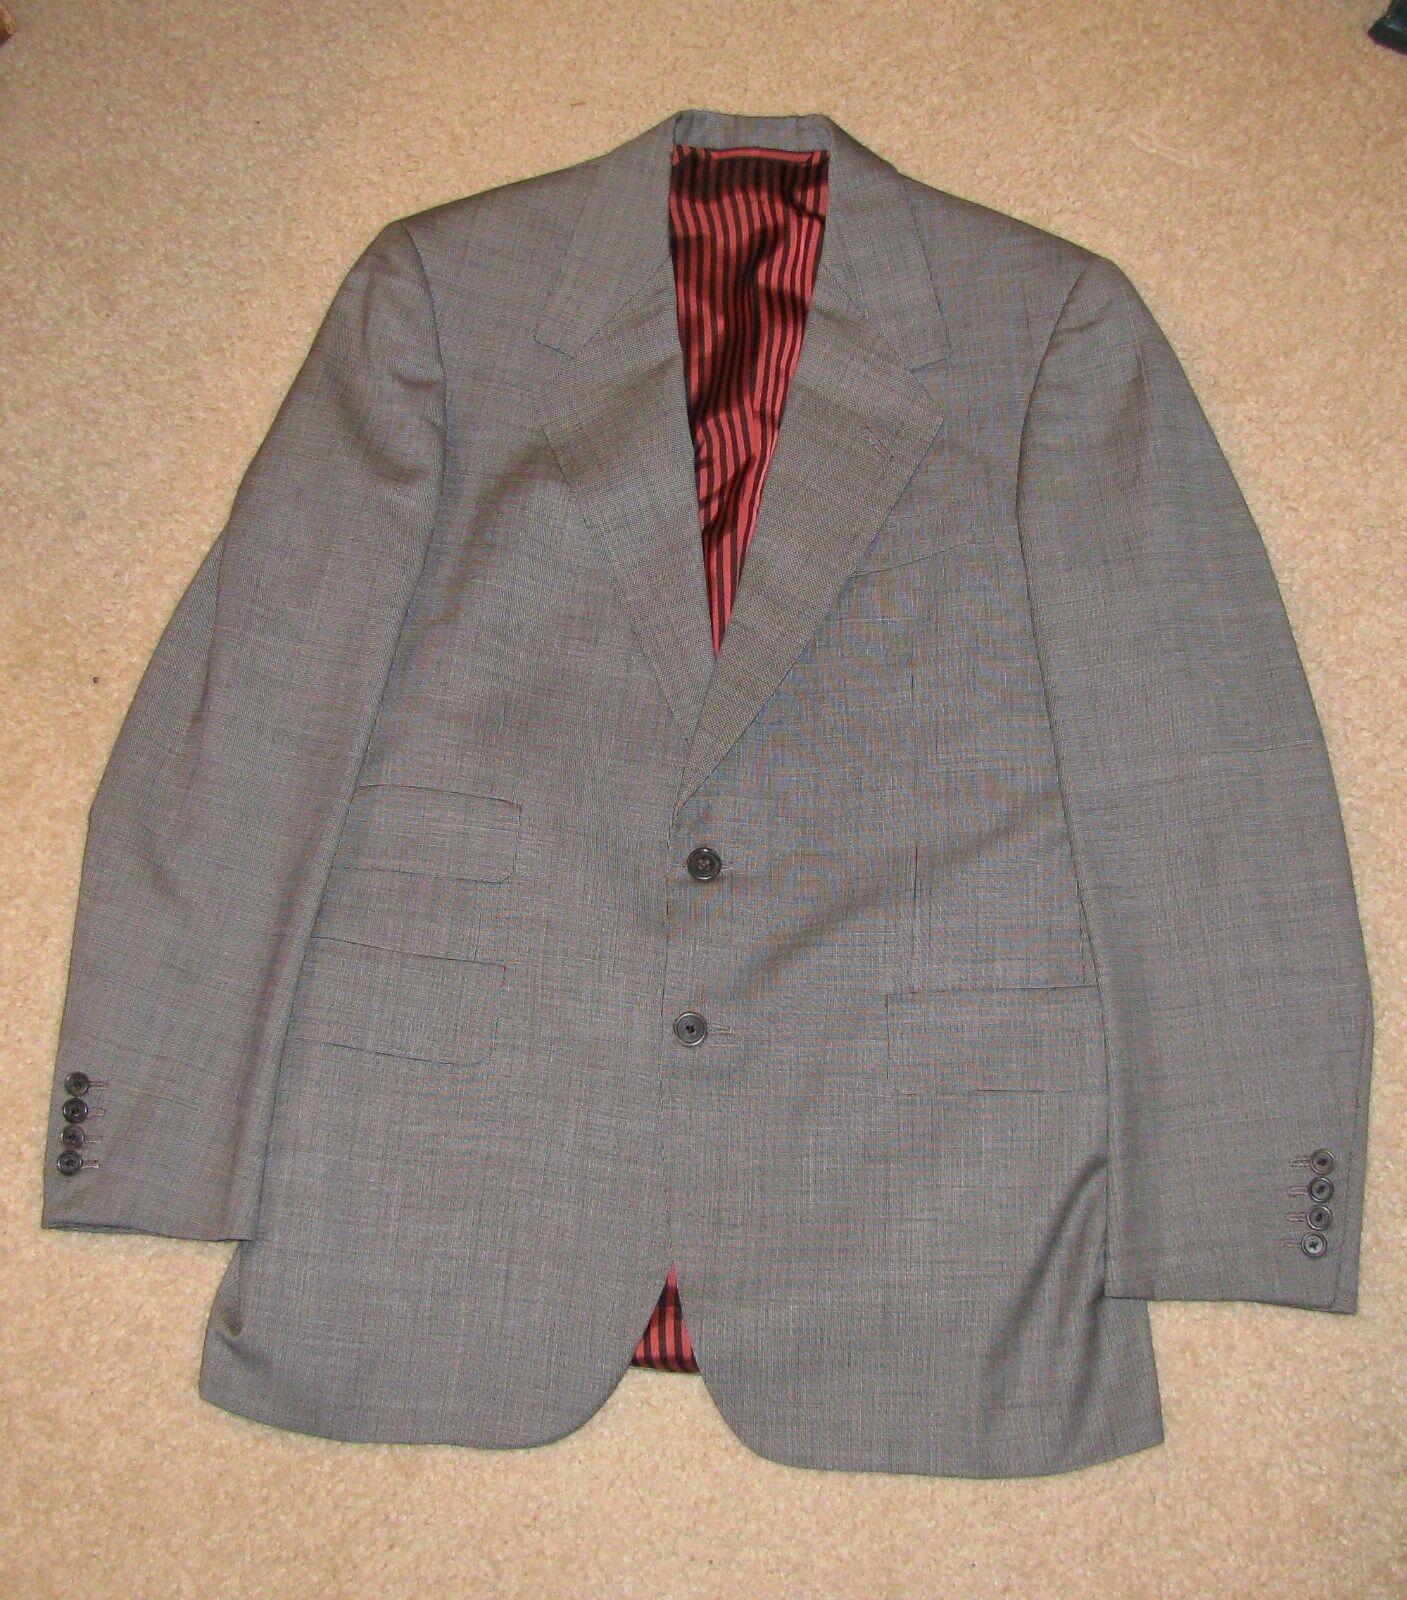 Oxxford Suit, Dark grau, Super 120's, Ex Cond, MTM, 38L